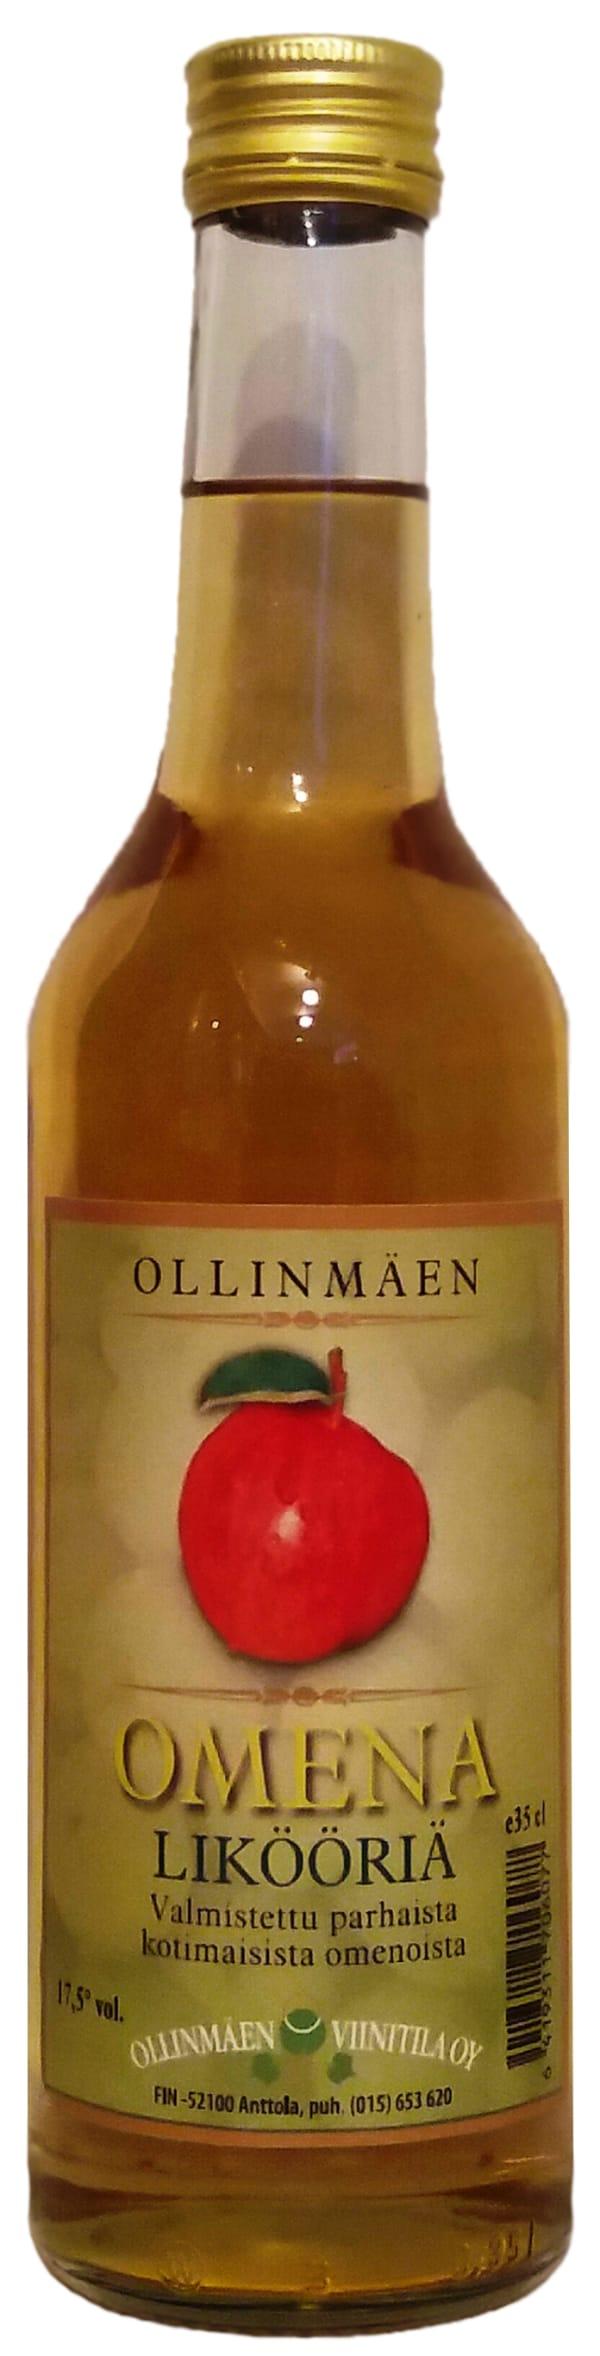 Ollinmäen Omenalikööriä